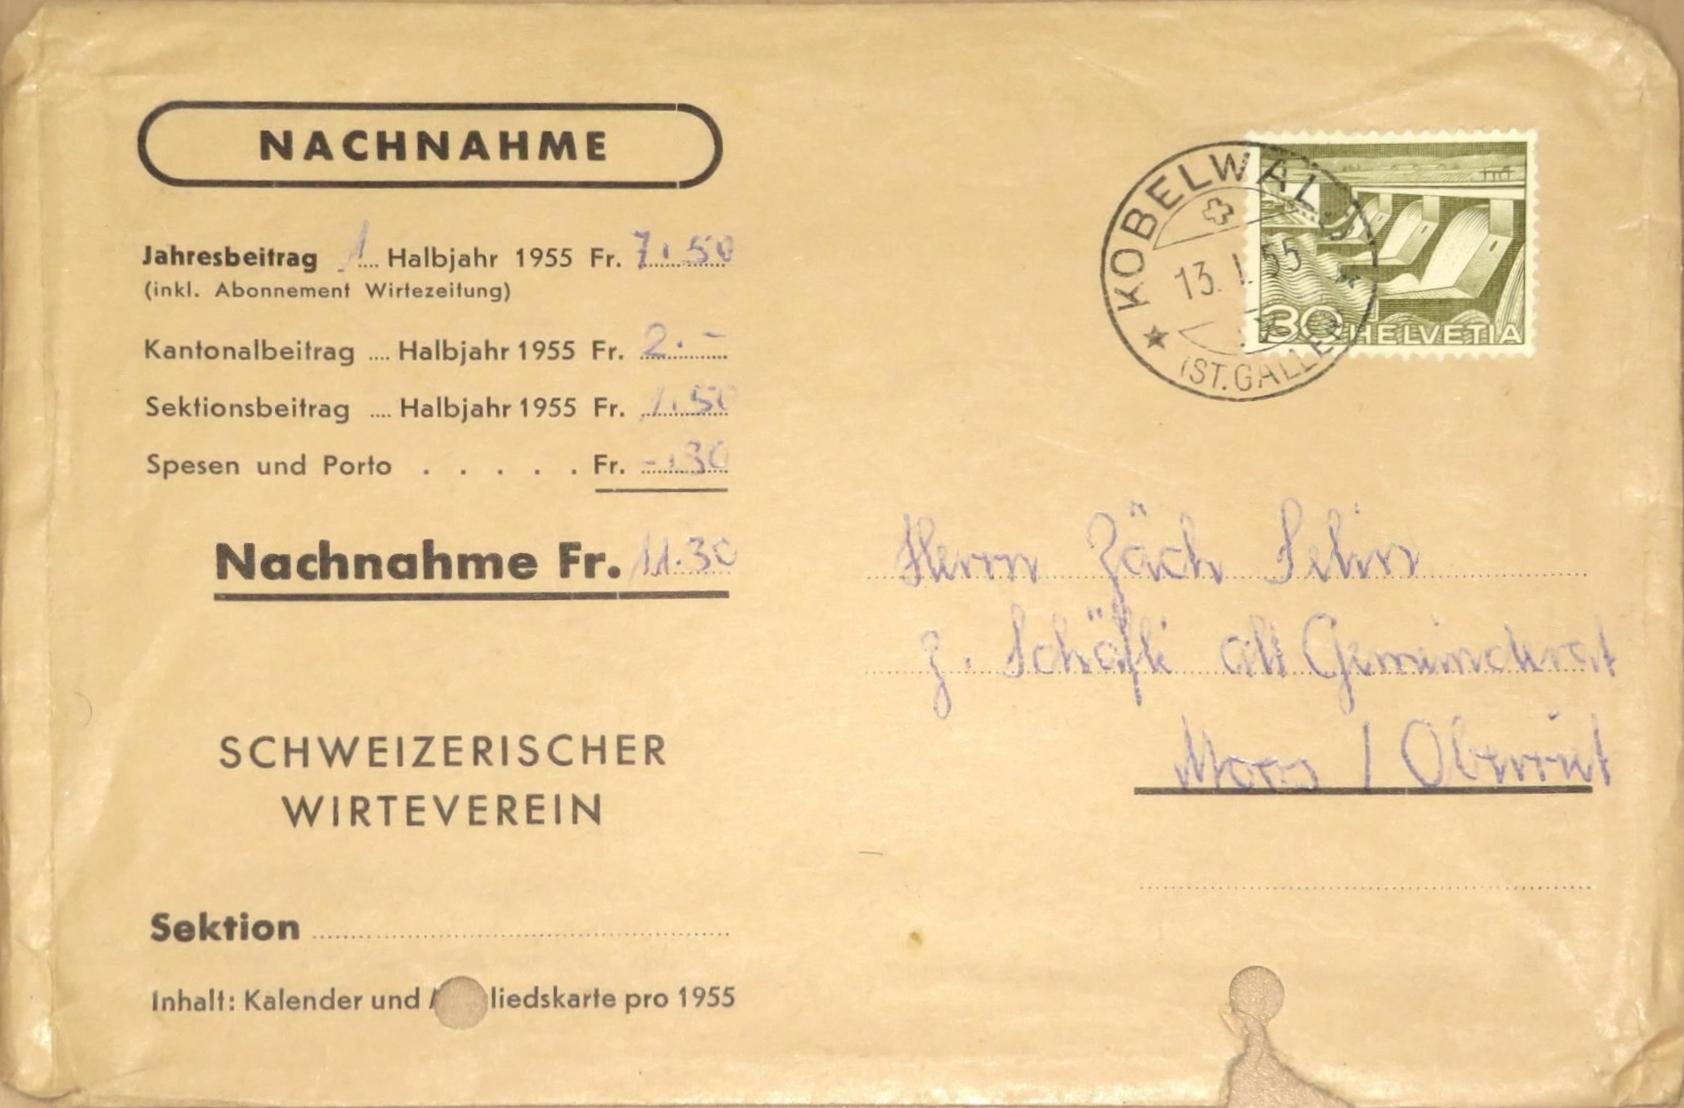 Schweizerischer Wirteverein (1955)